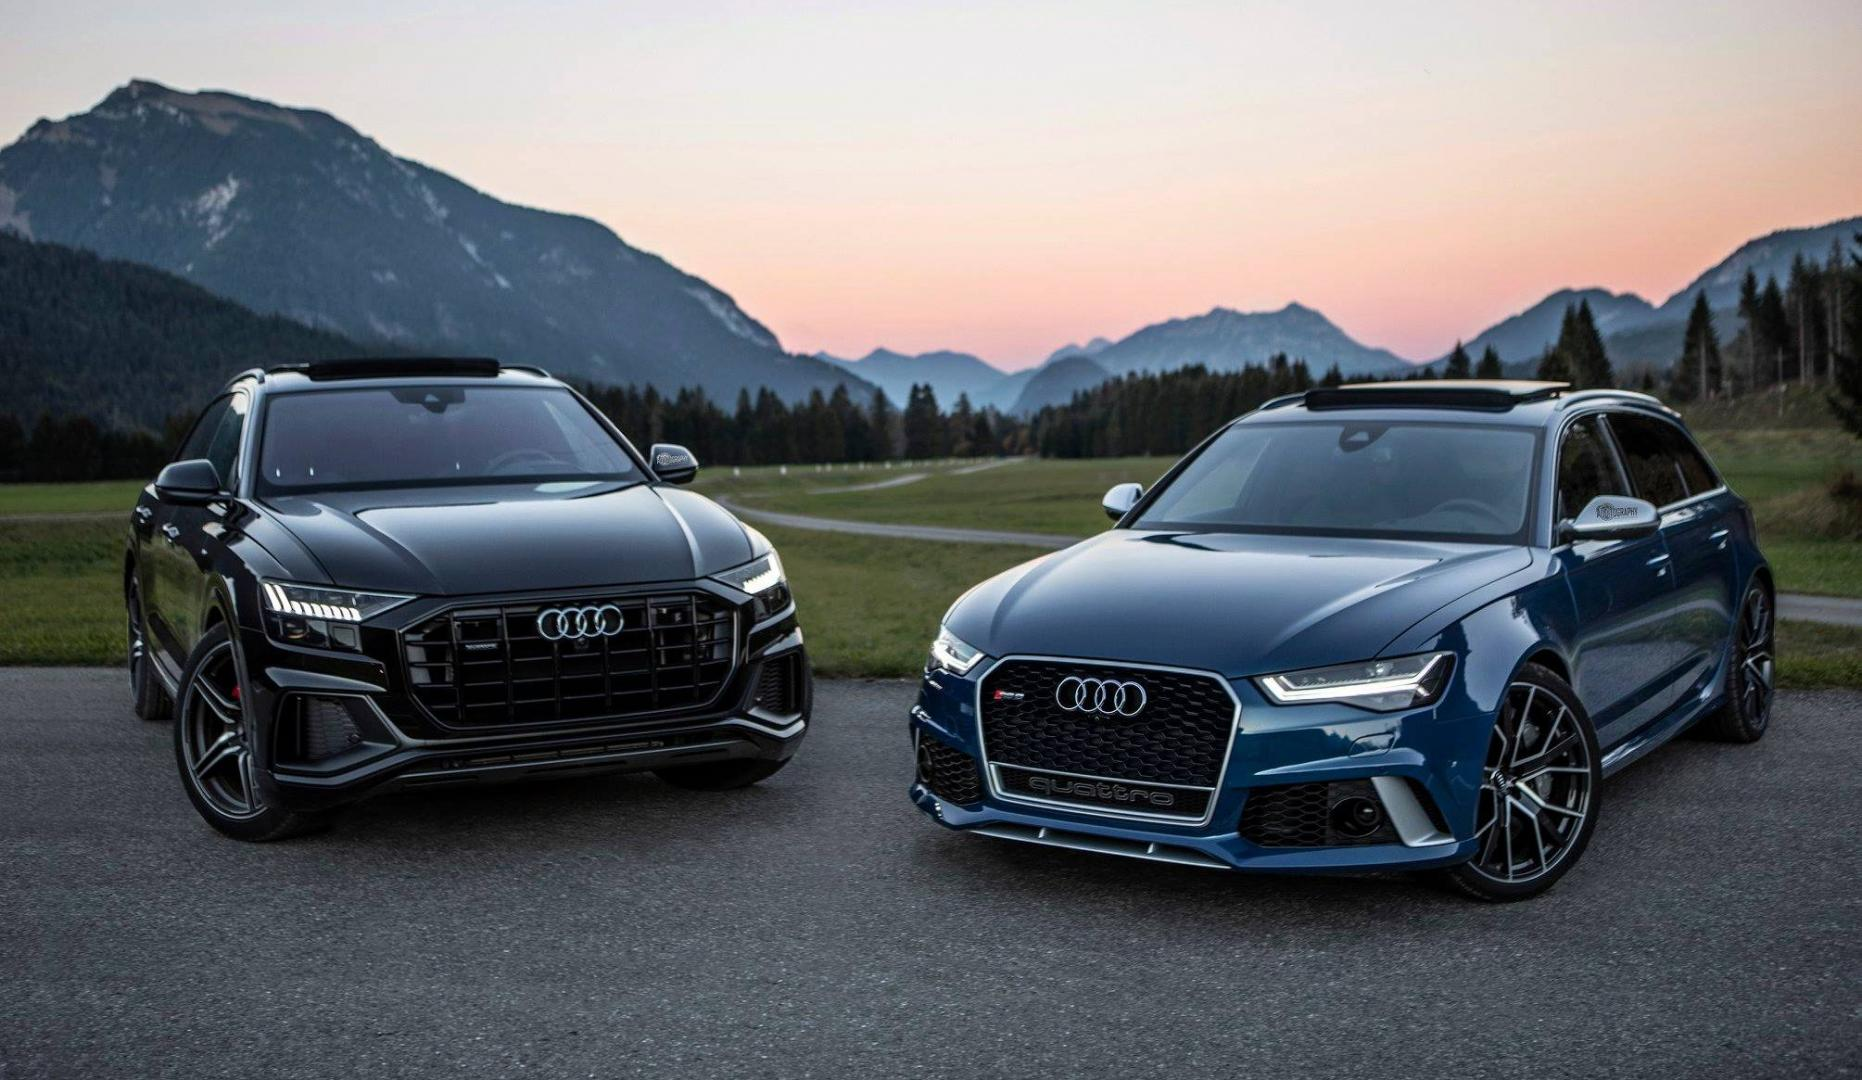 Tuningbedrijf Abt geeft Audi Q8 extra vermogen